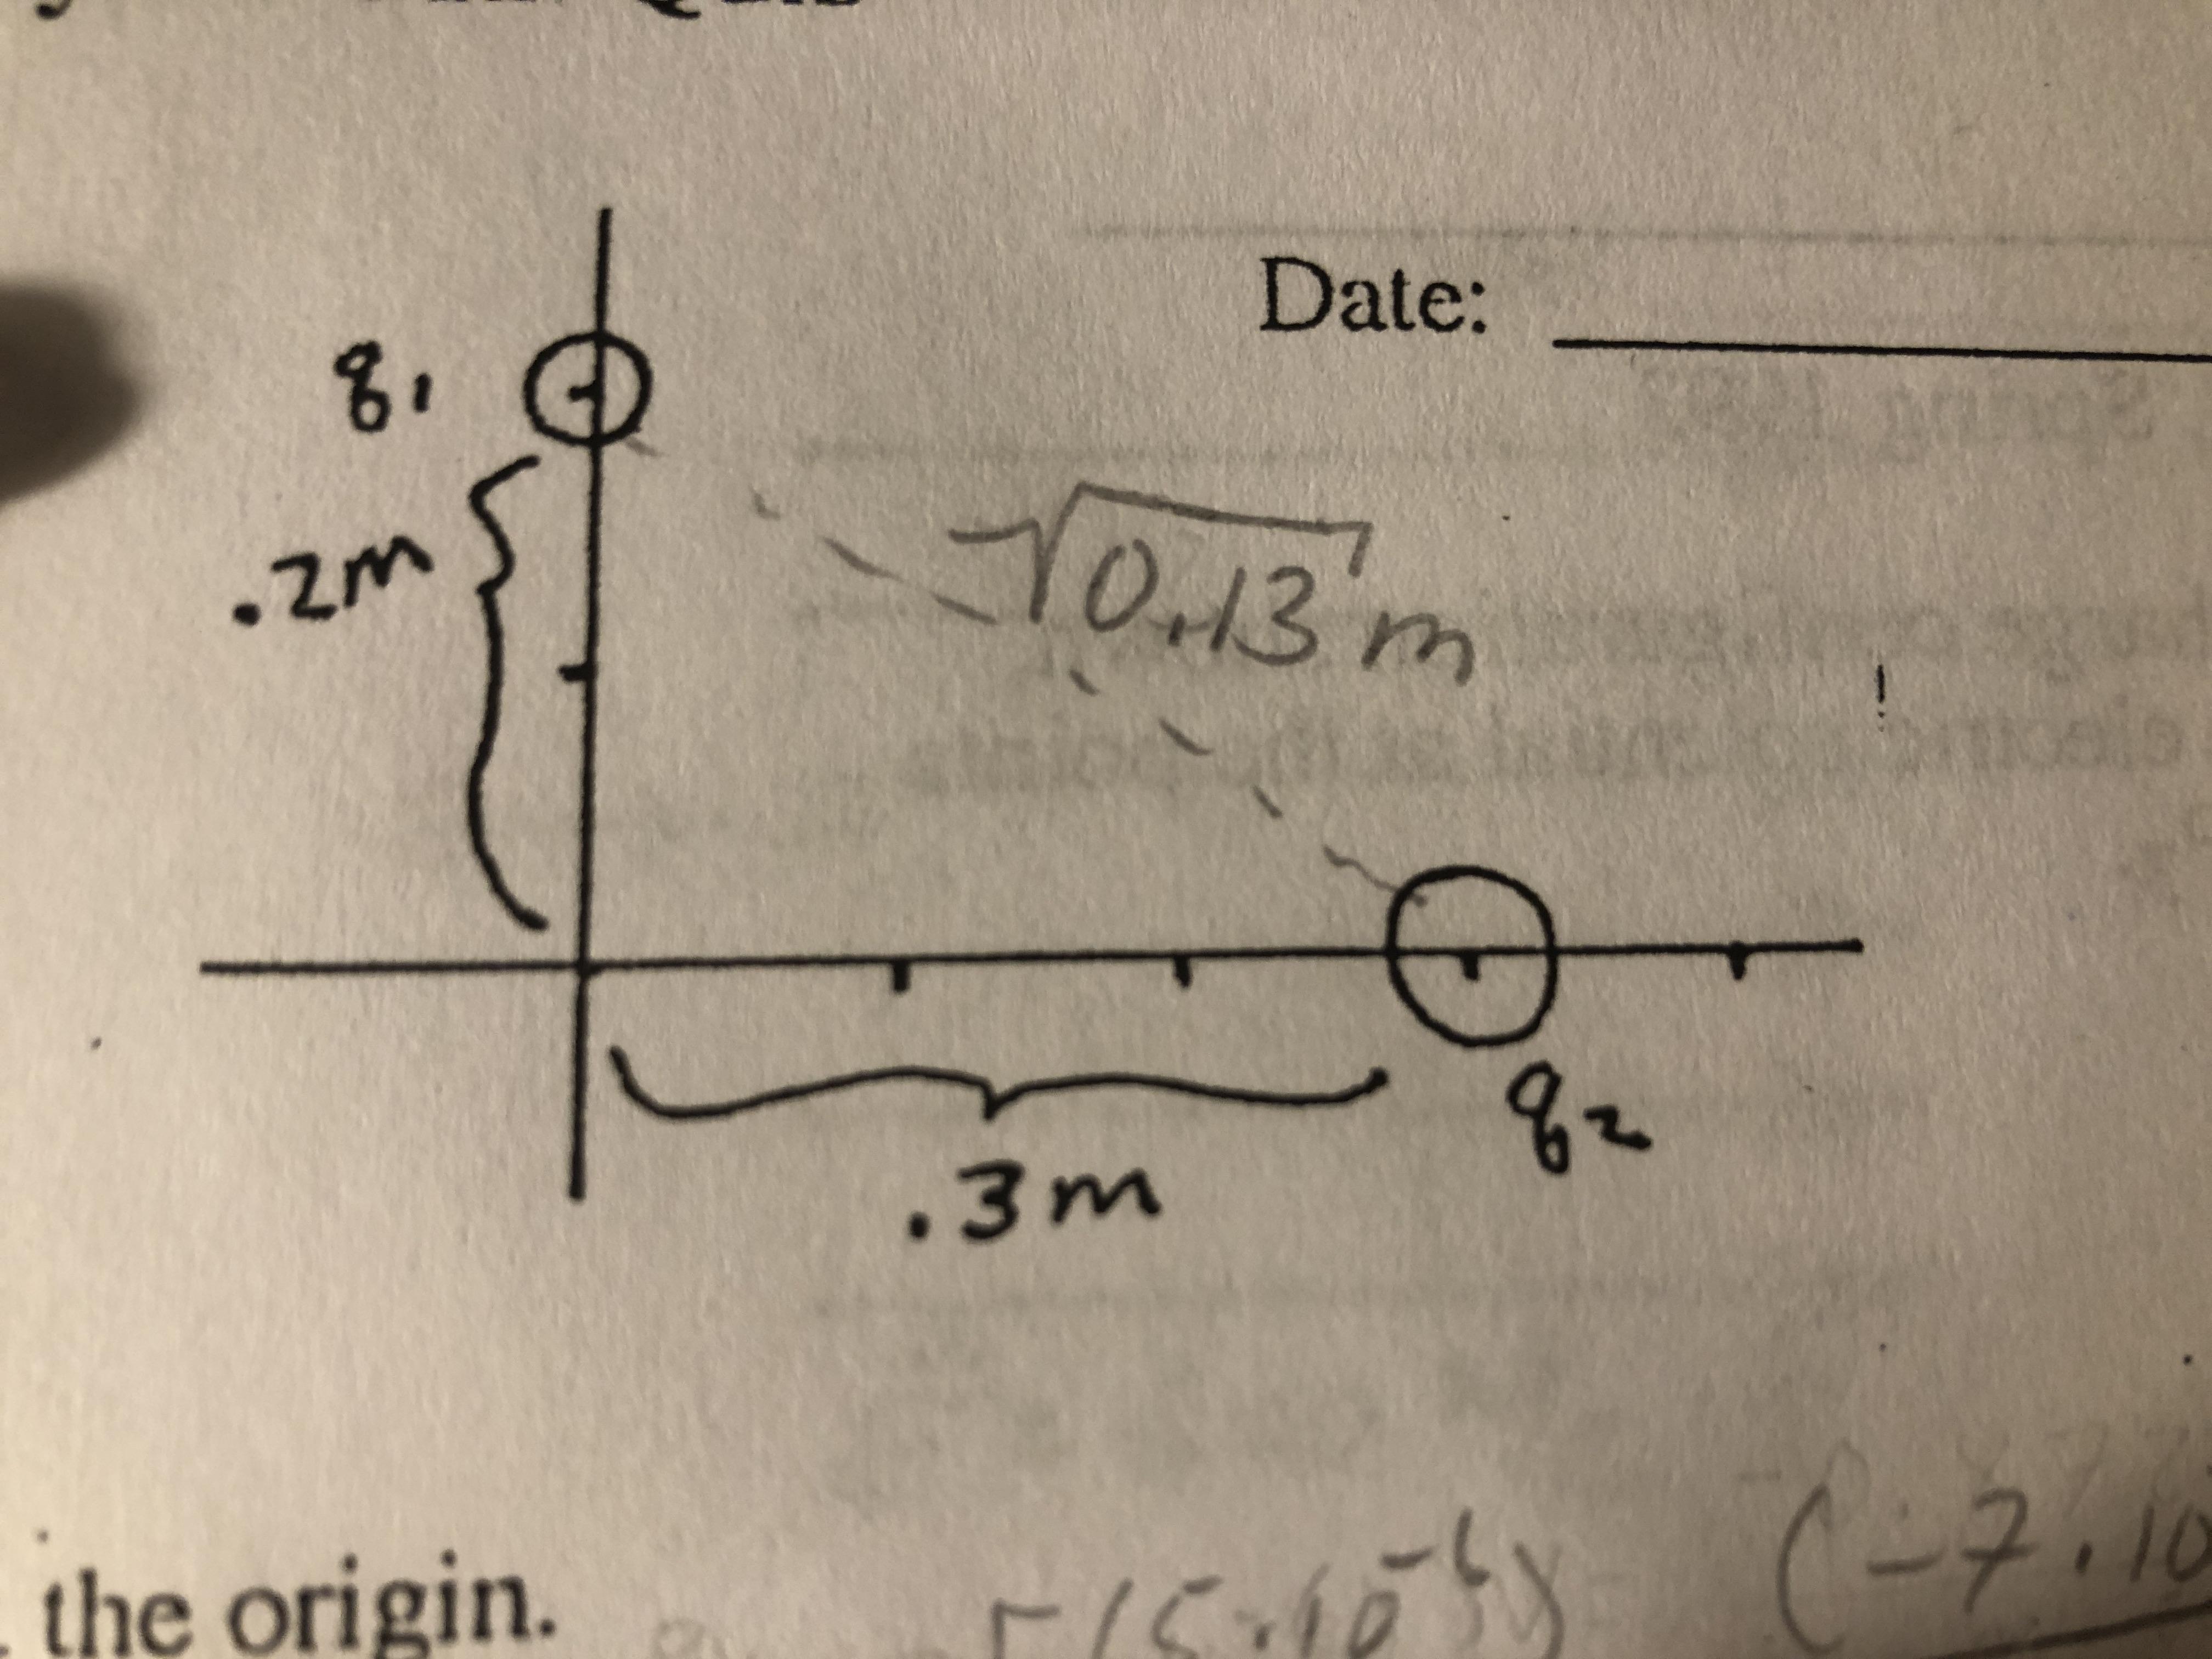 Date: 8. 10.13'm .3m the origin. (-7.10